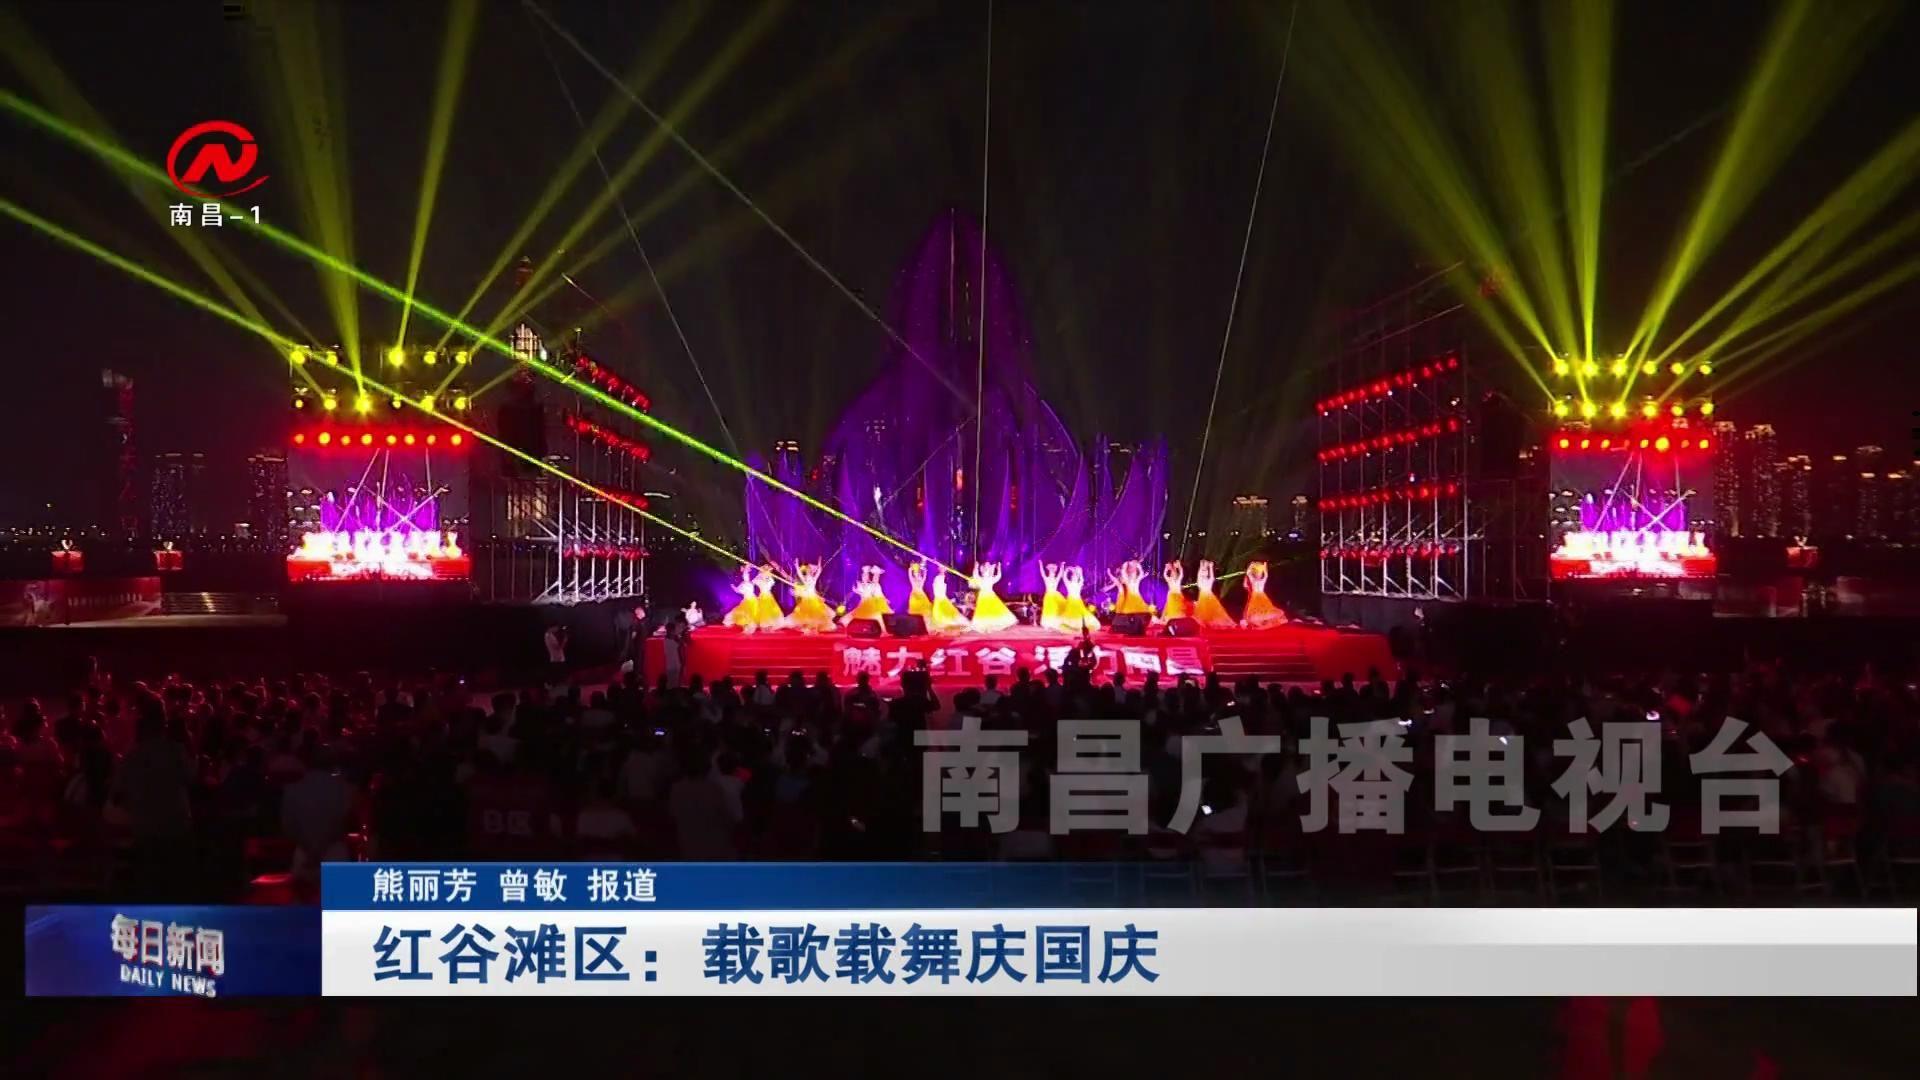 红谷滩区:载歌载舞庆国庆